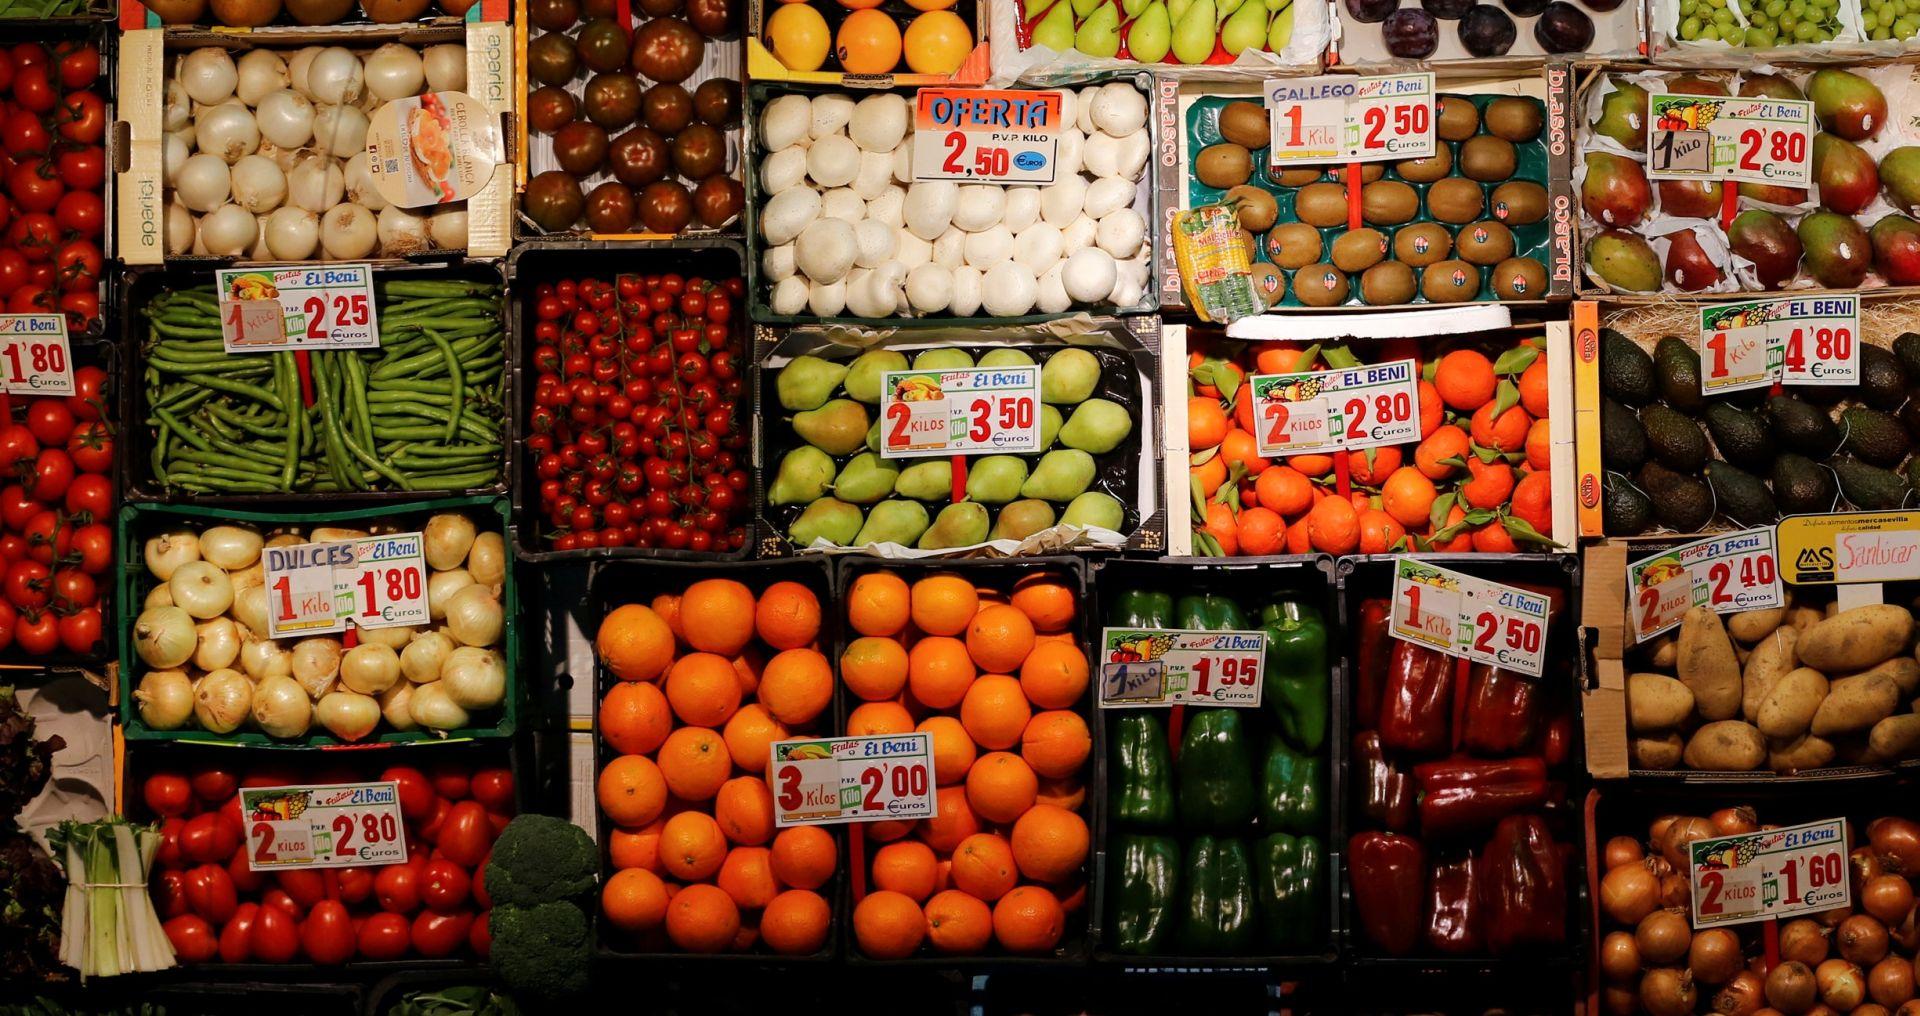 Tajni kvartet vlada svjetskom hranom